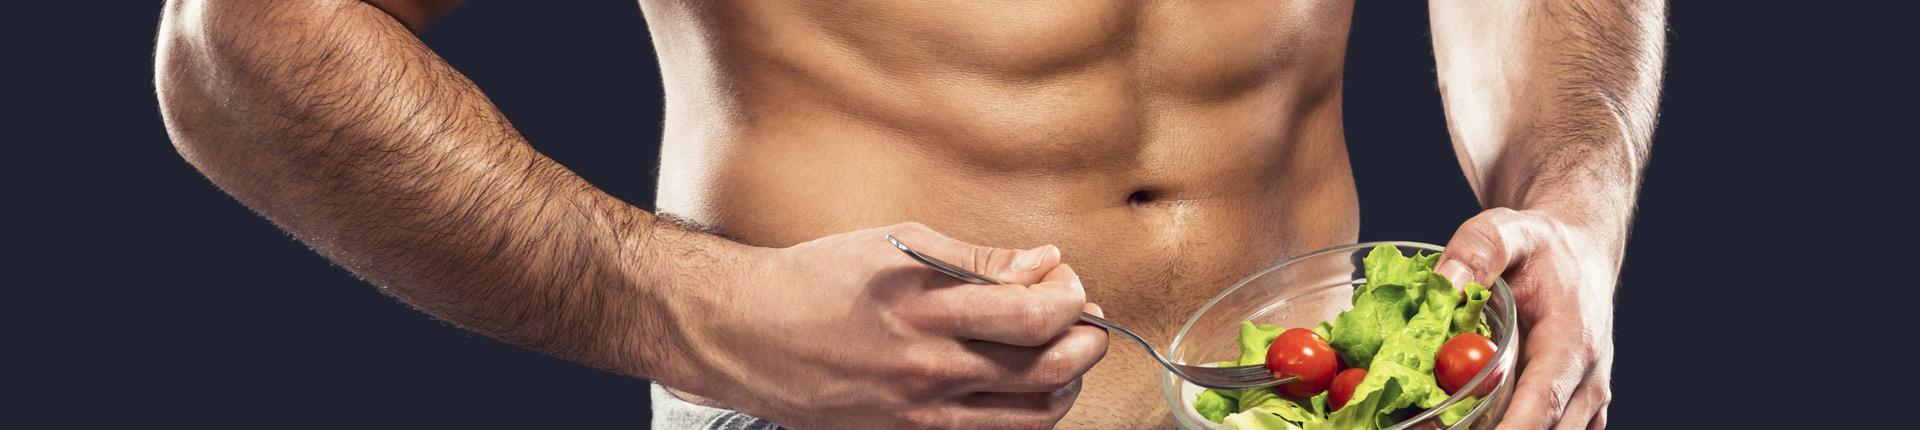 Dieta wegańska a testosteron i długość życia